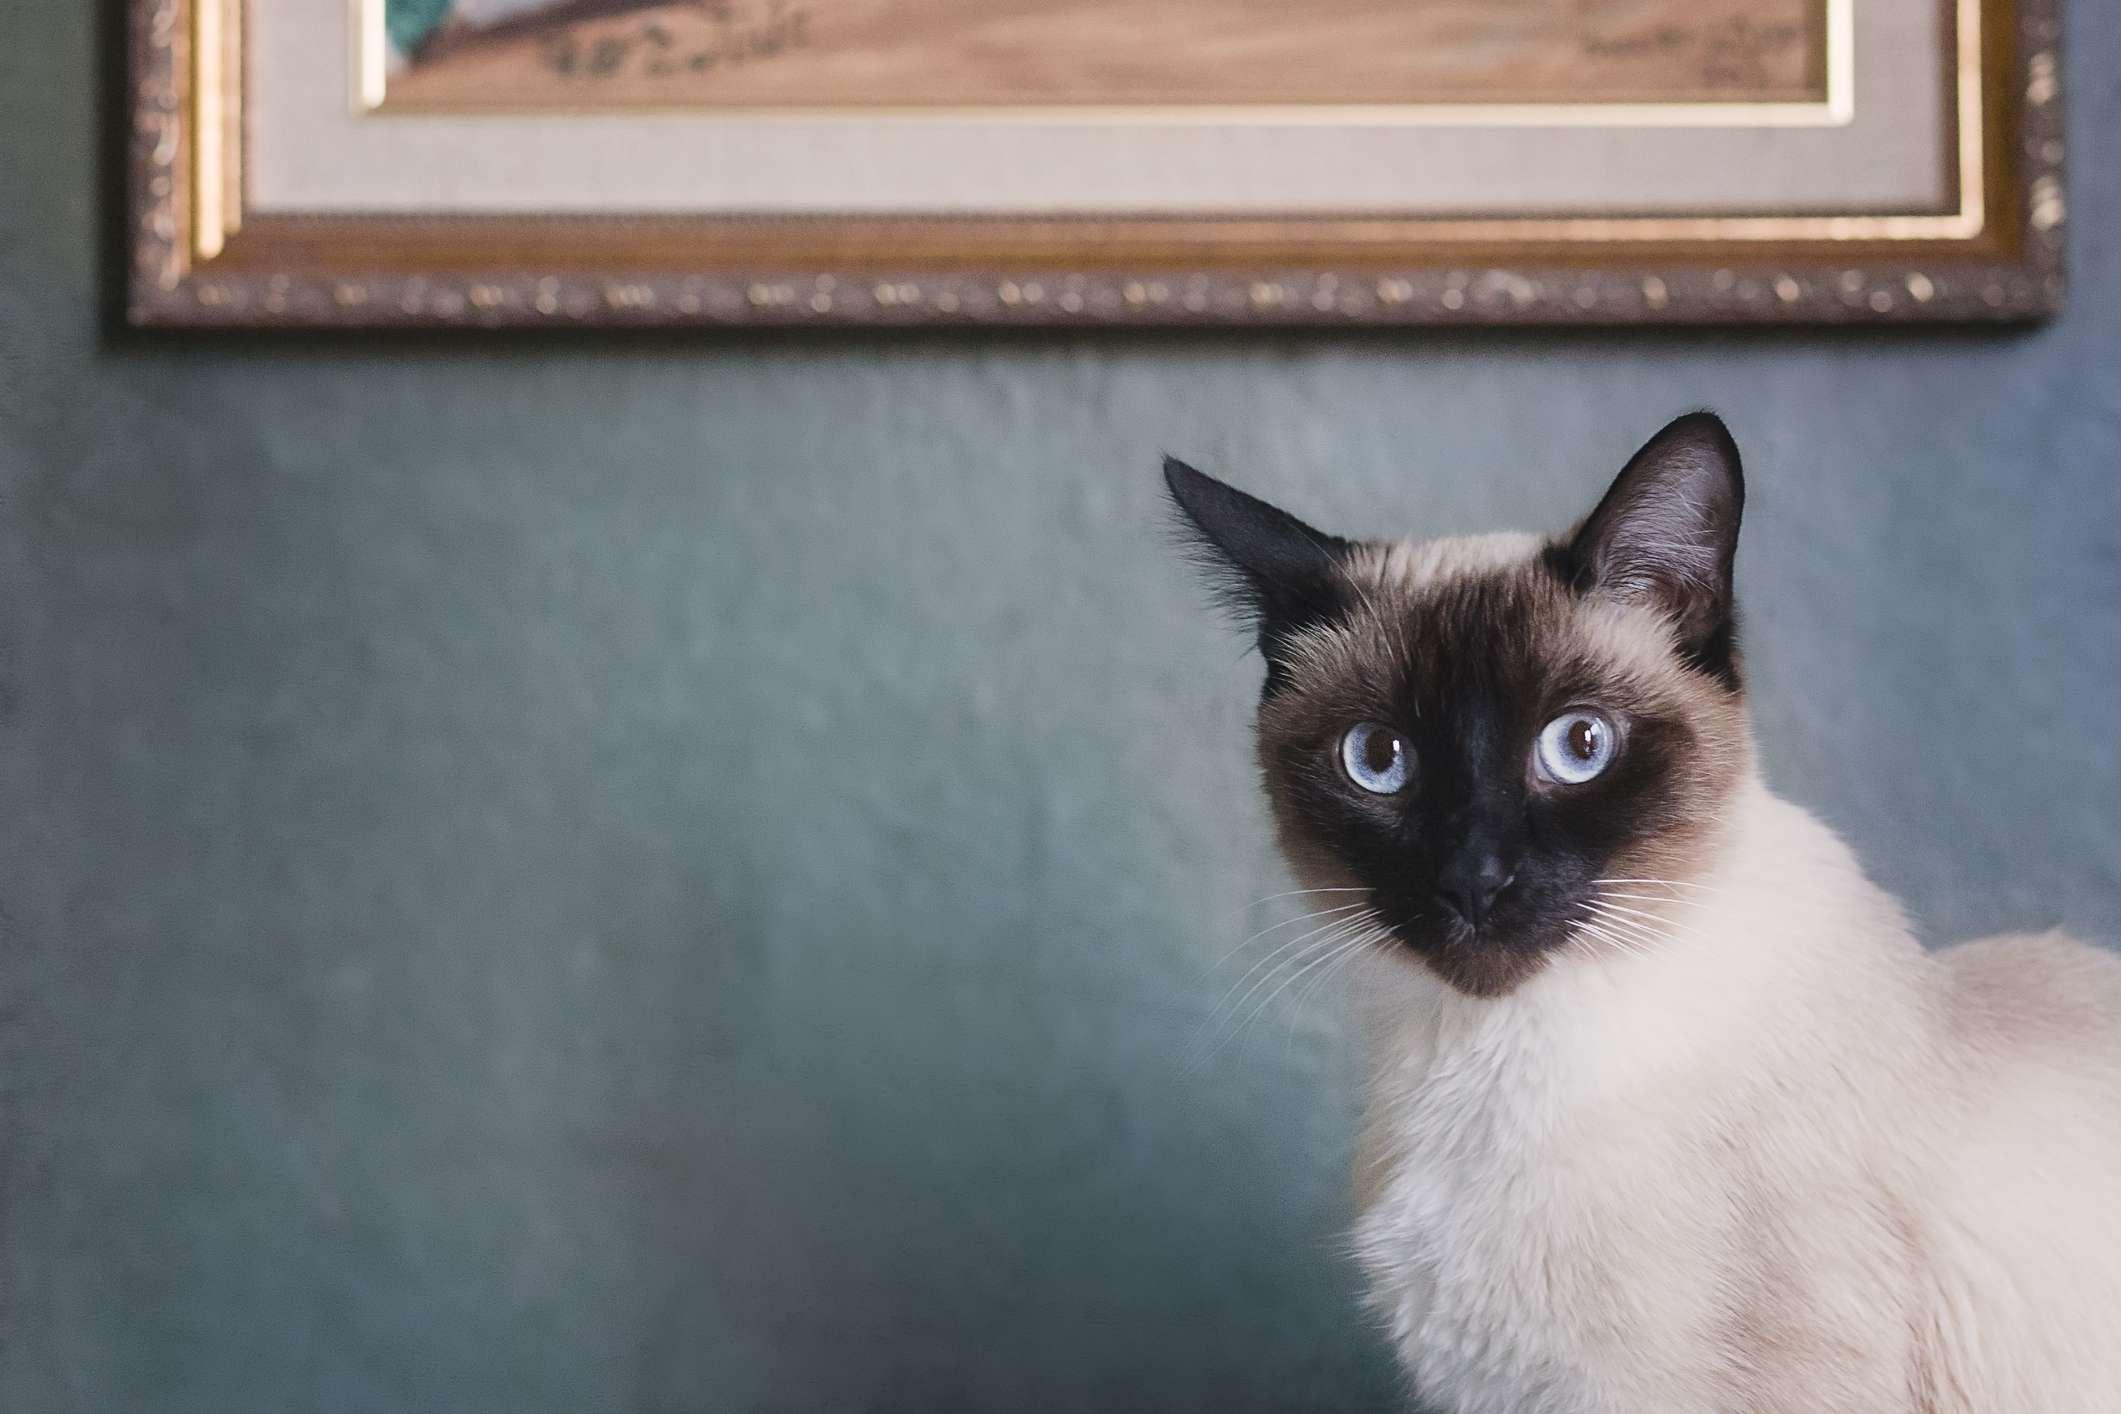 Siamese cat standing